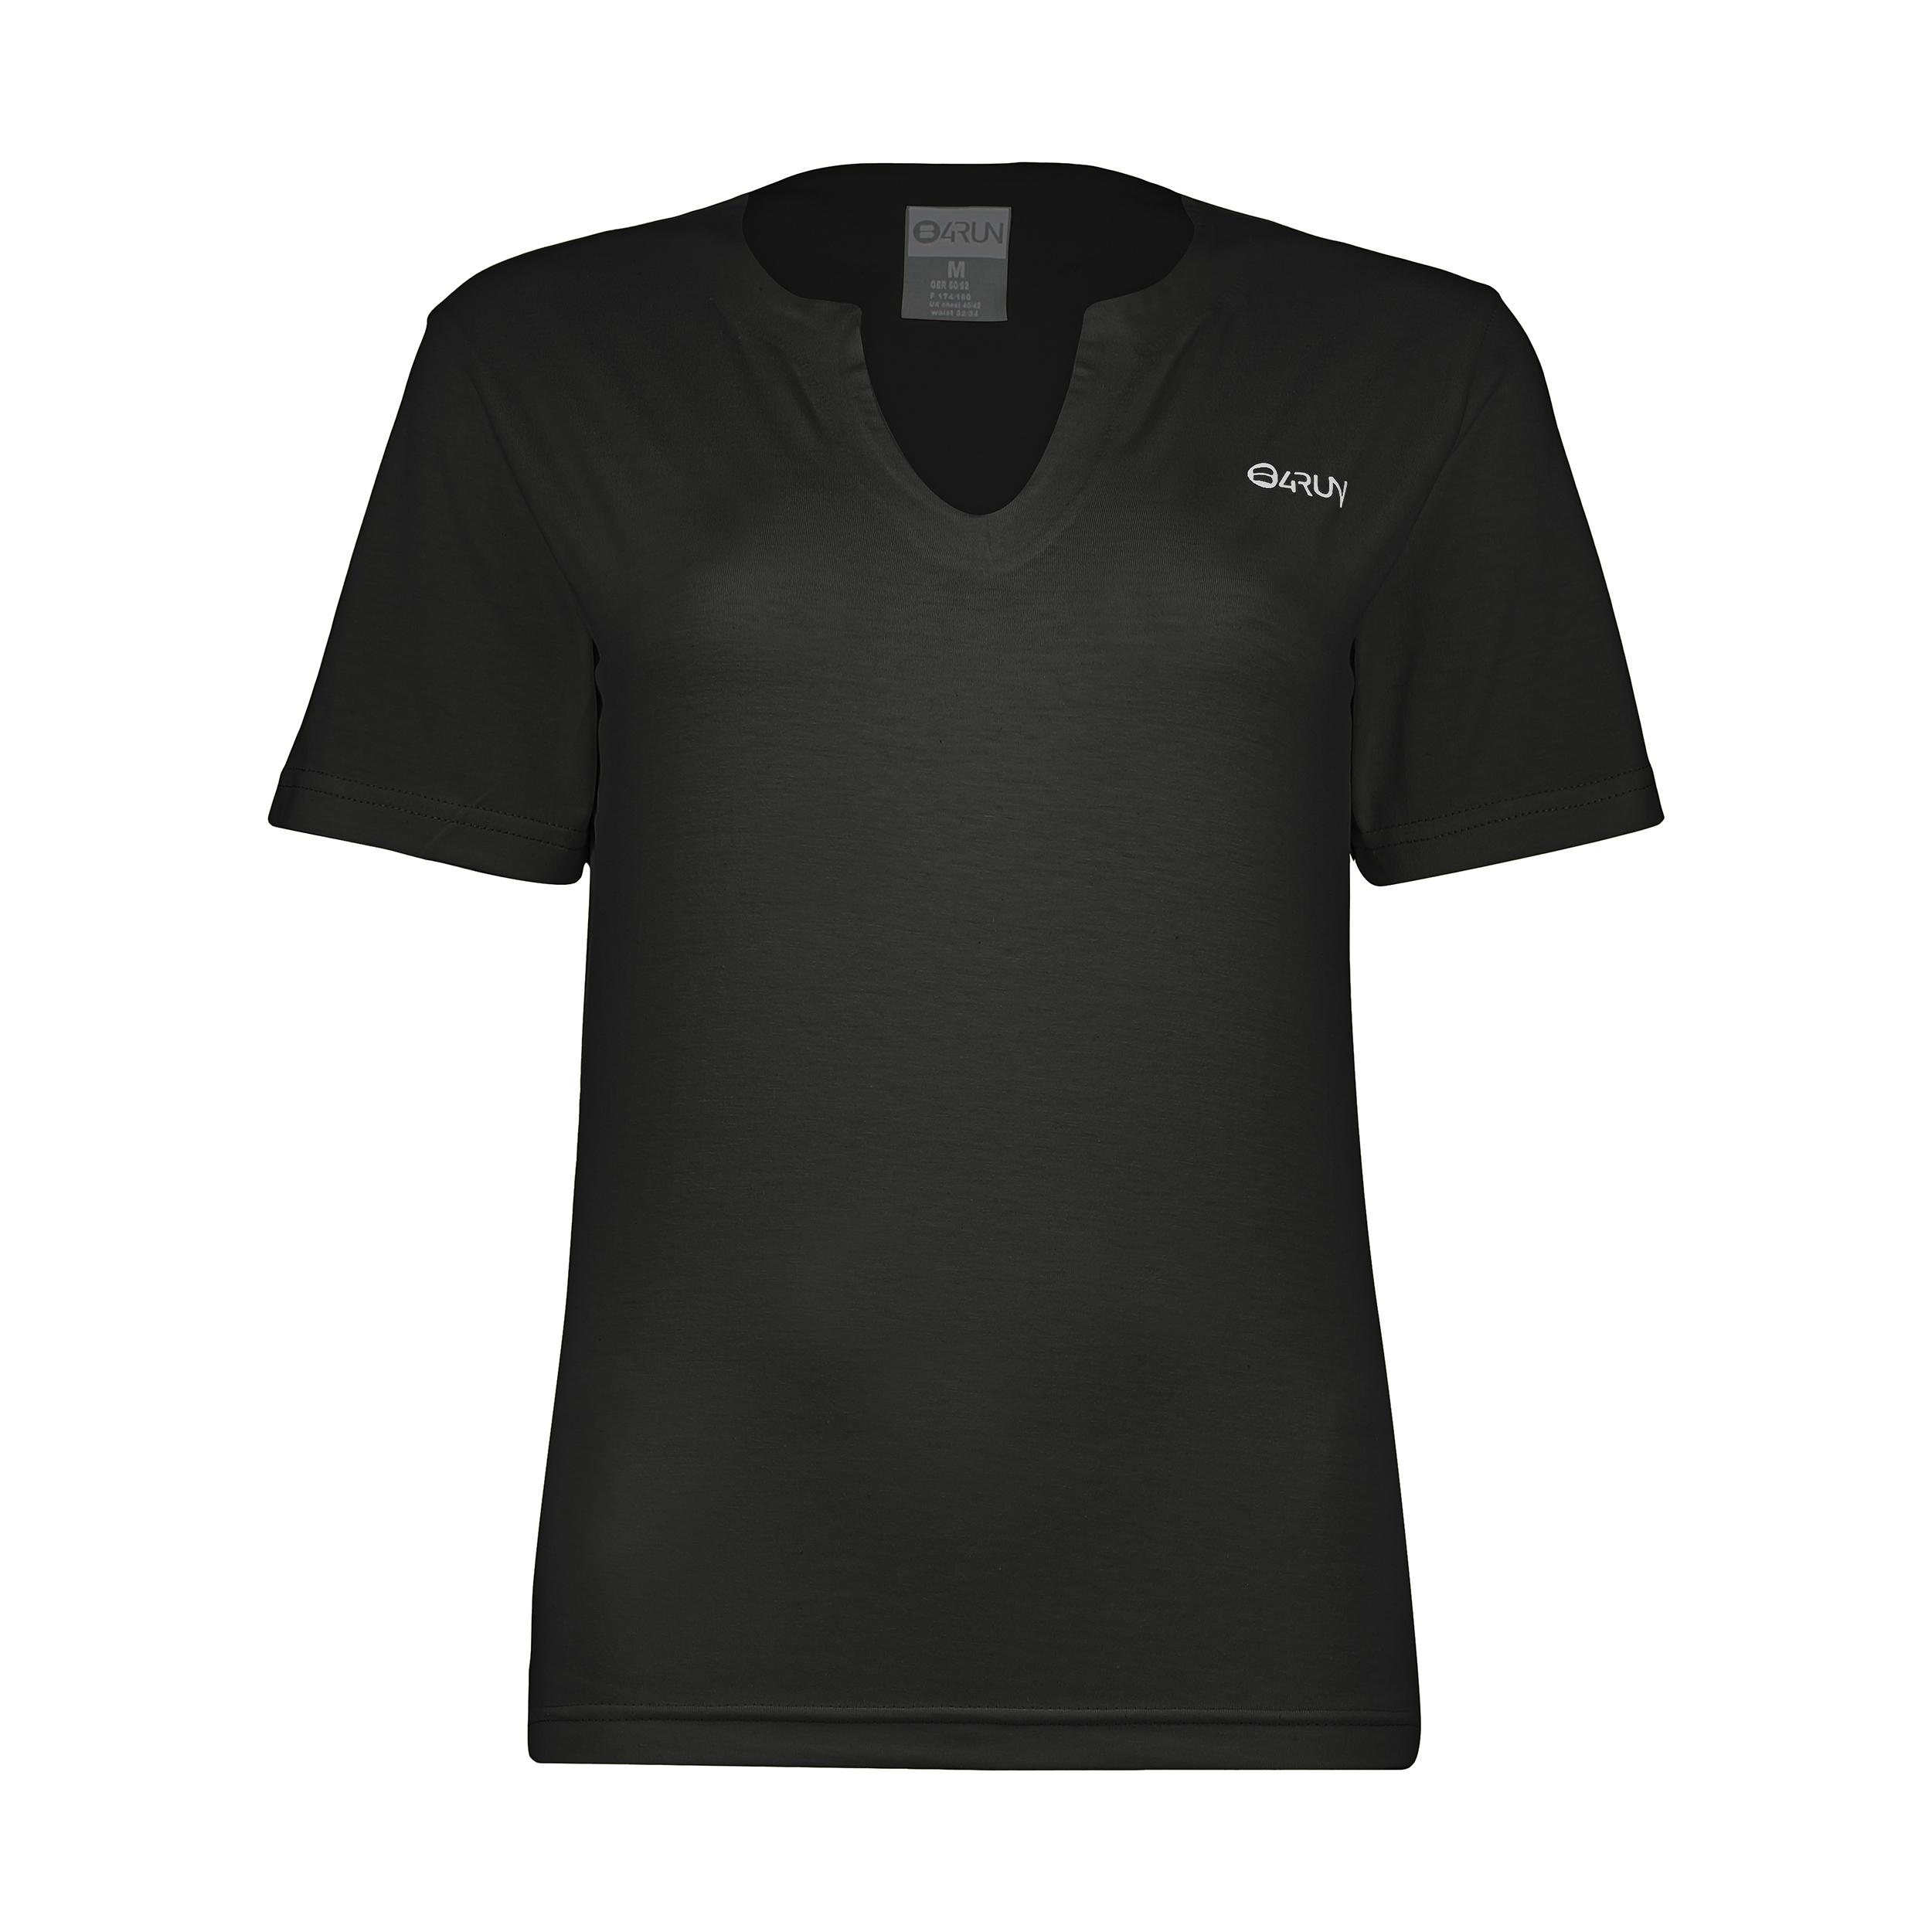 تی شرت ورزشی زنانه بی فور ران مدل 210324-99